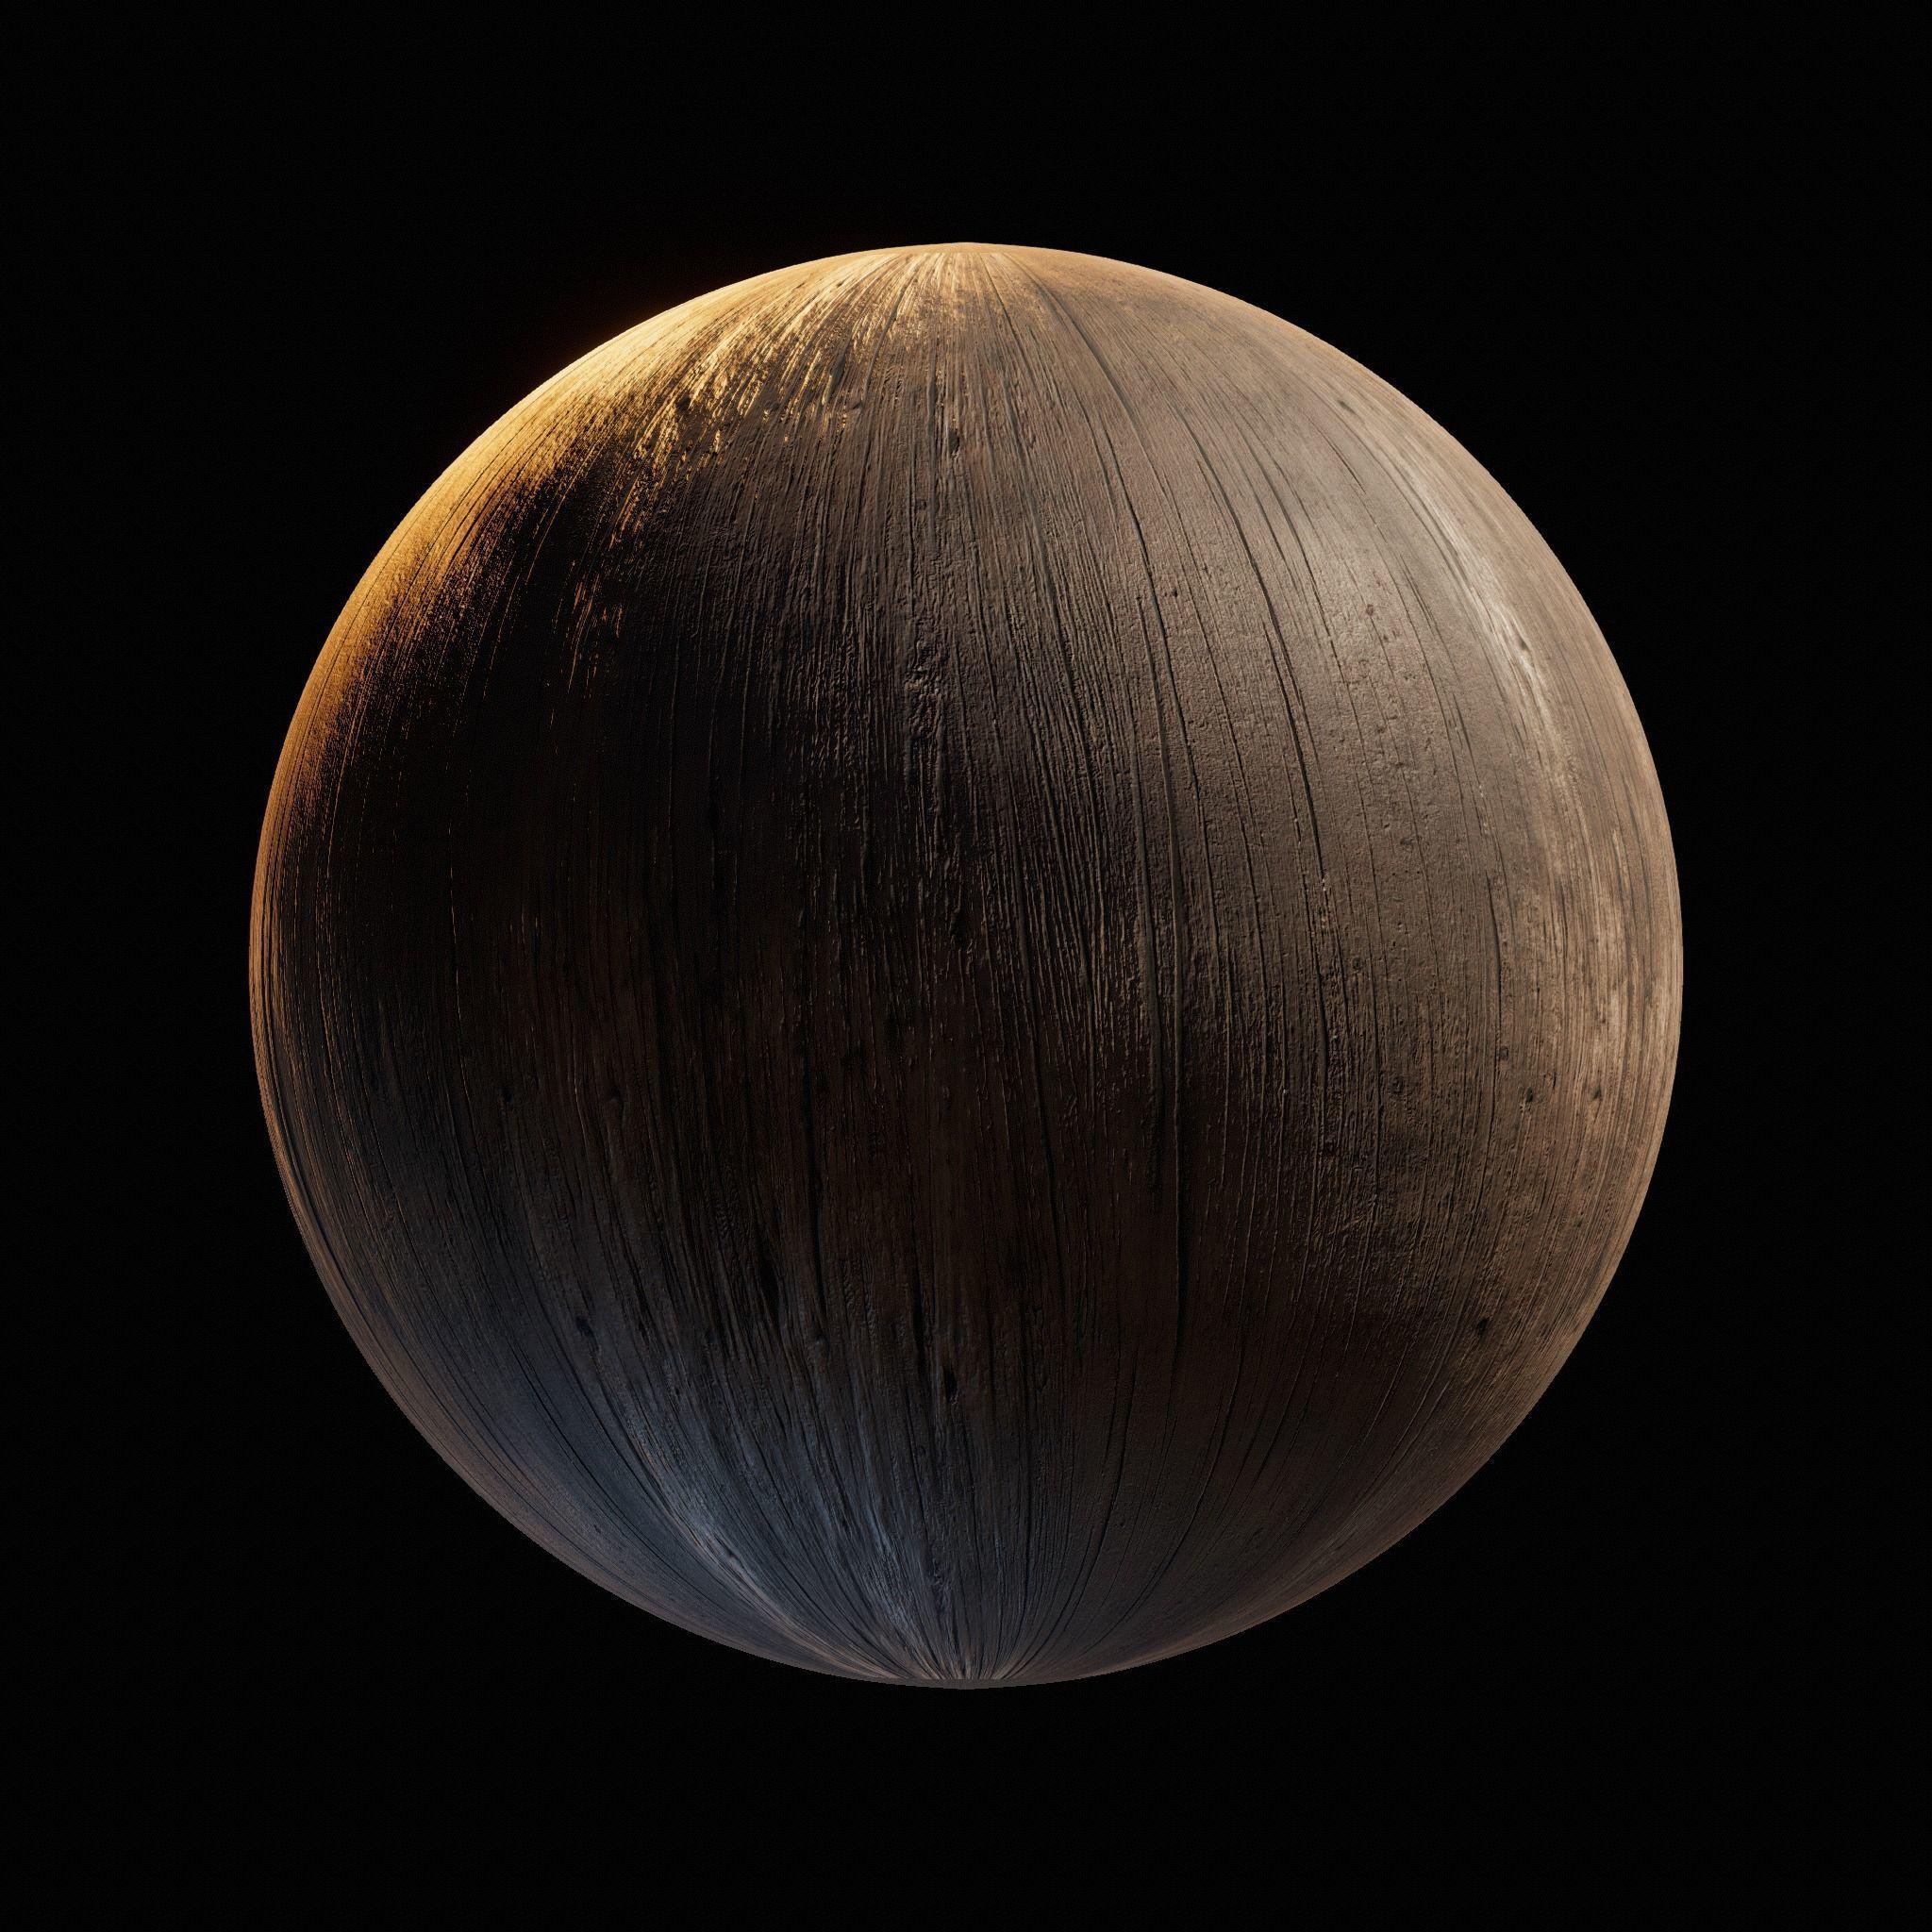 Wood materials | Texture